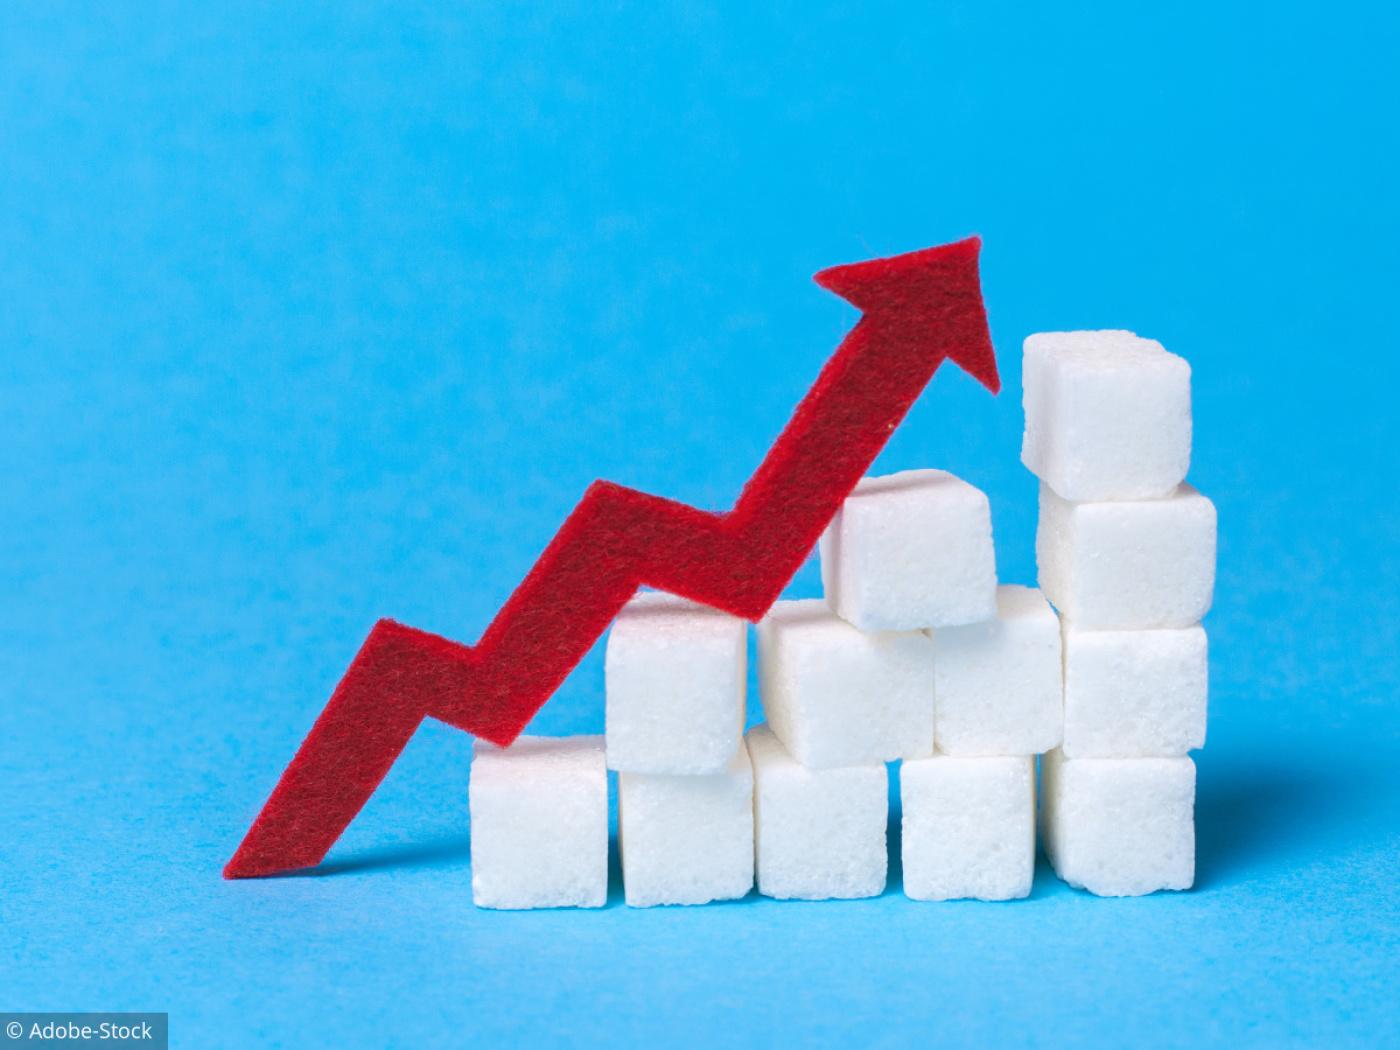 حاله ما قبل السكري كيفية التعرف عليها والتعامل الصحيح معها لمنع تطورها